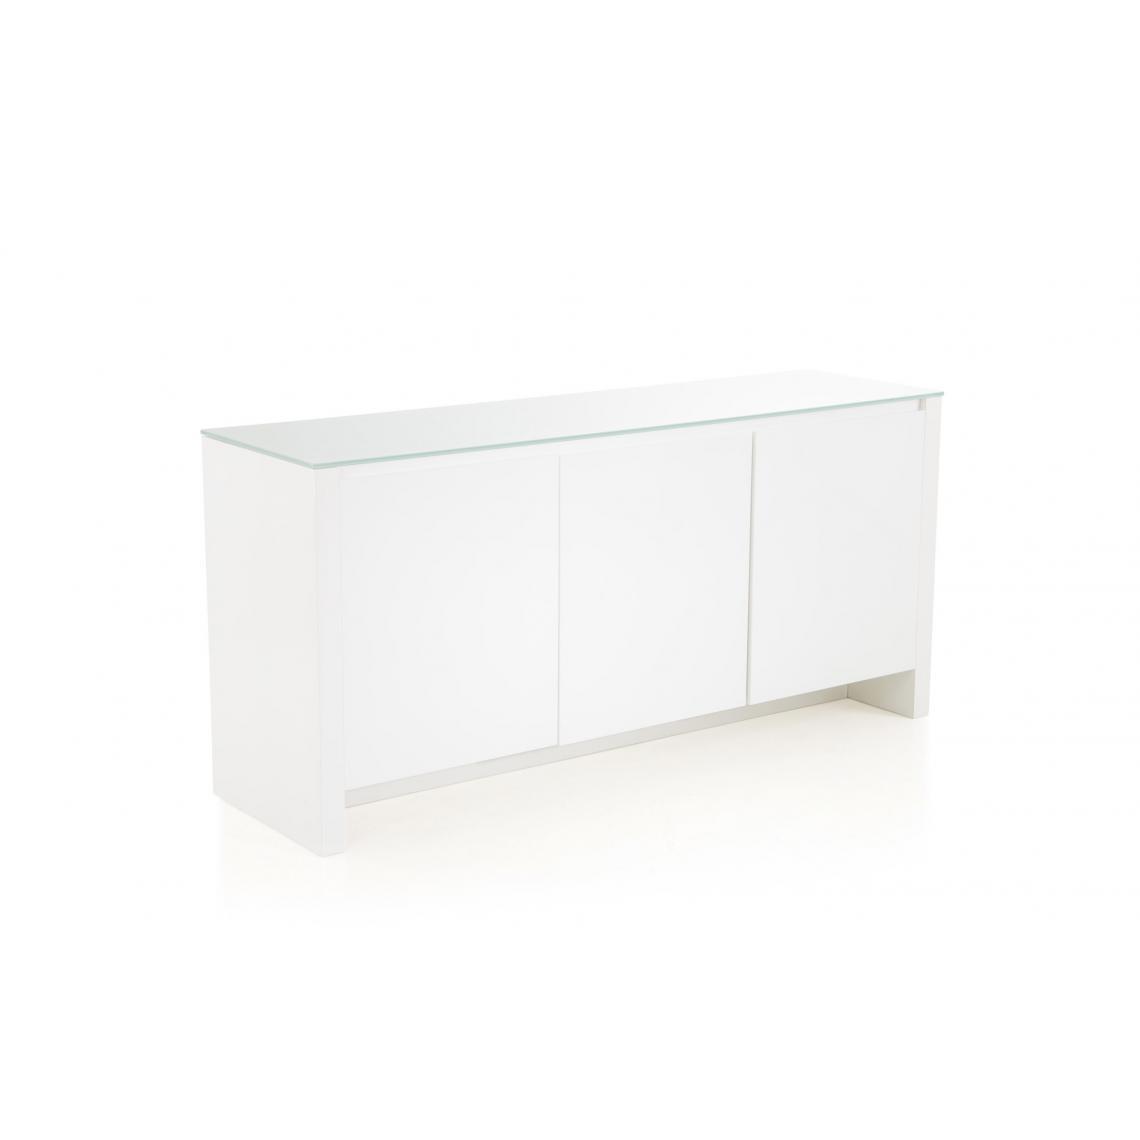 Objet Deco Laque Blanc buffet 3 portes laqué blanc abbe plus de détails